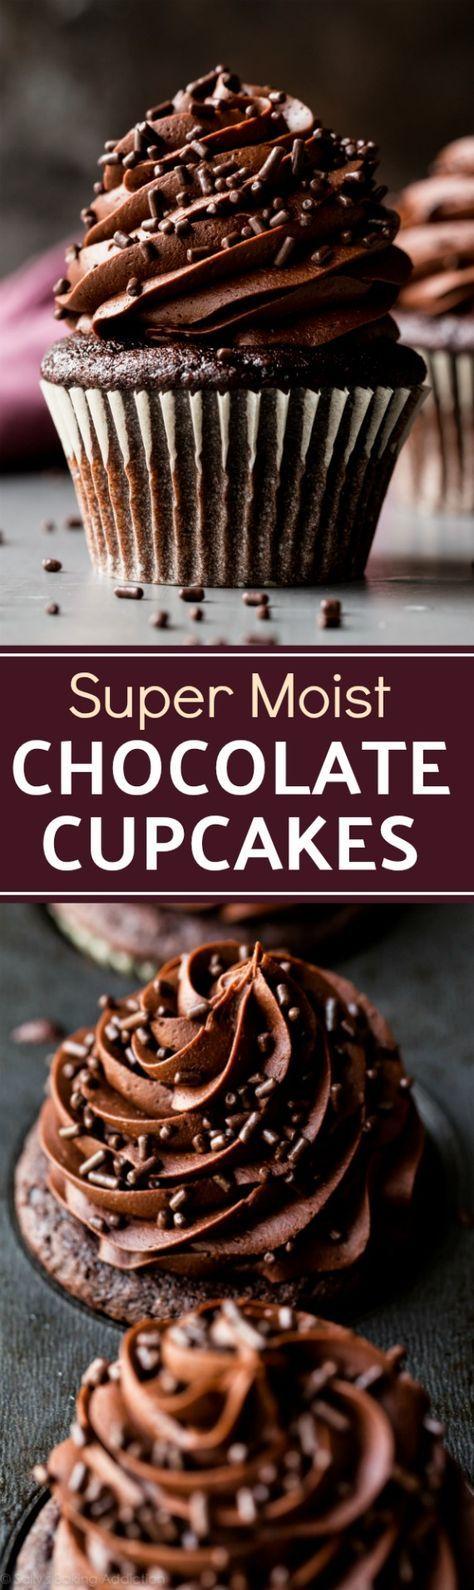 Hier sind die besten hausgemachten Schokoladen-Cupcakes! Feucht, reich, weich und so leicht von Kratzer mit Schokoladen-Buttercreme-Zuckerguss zu machen! Rezept auf sallysbakingaddiction.com